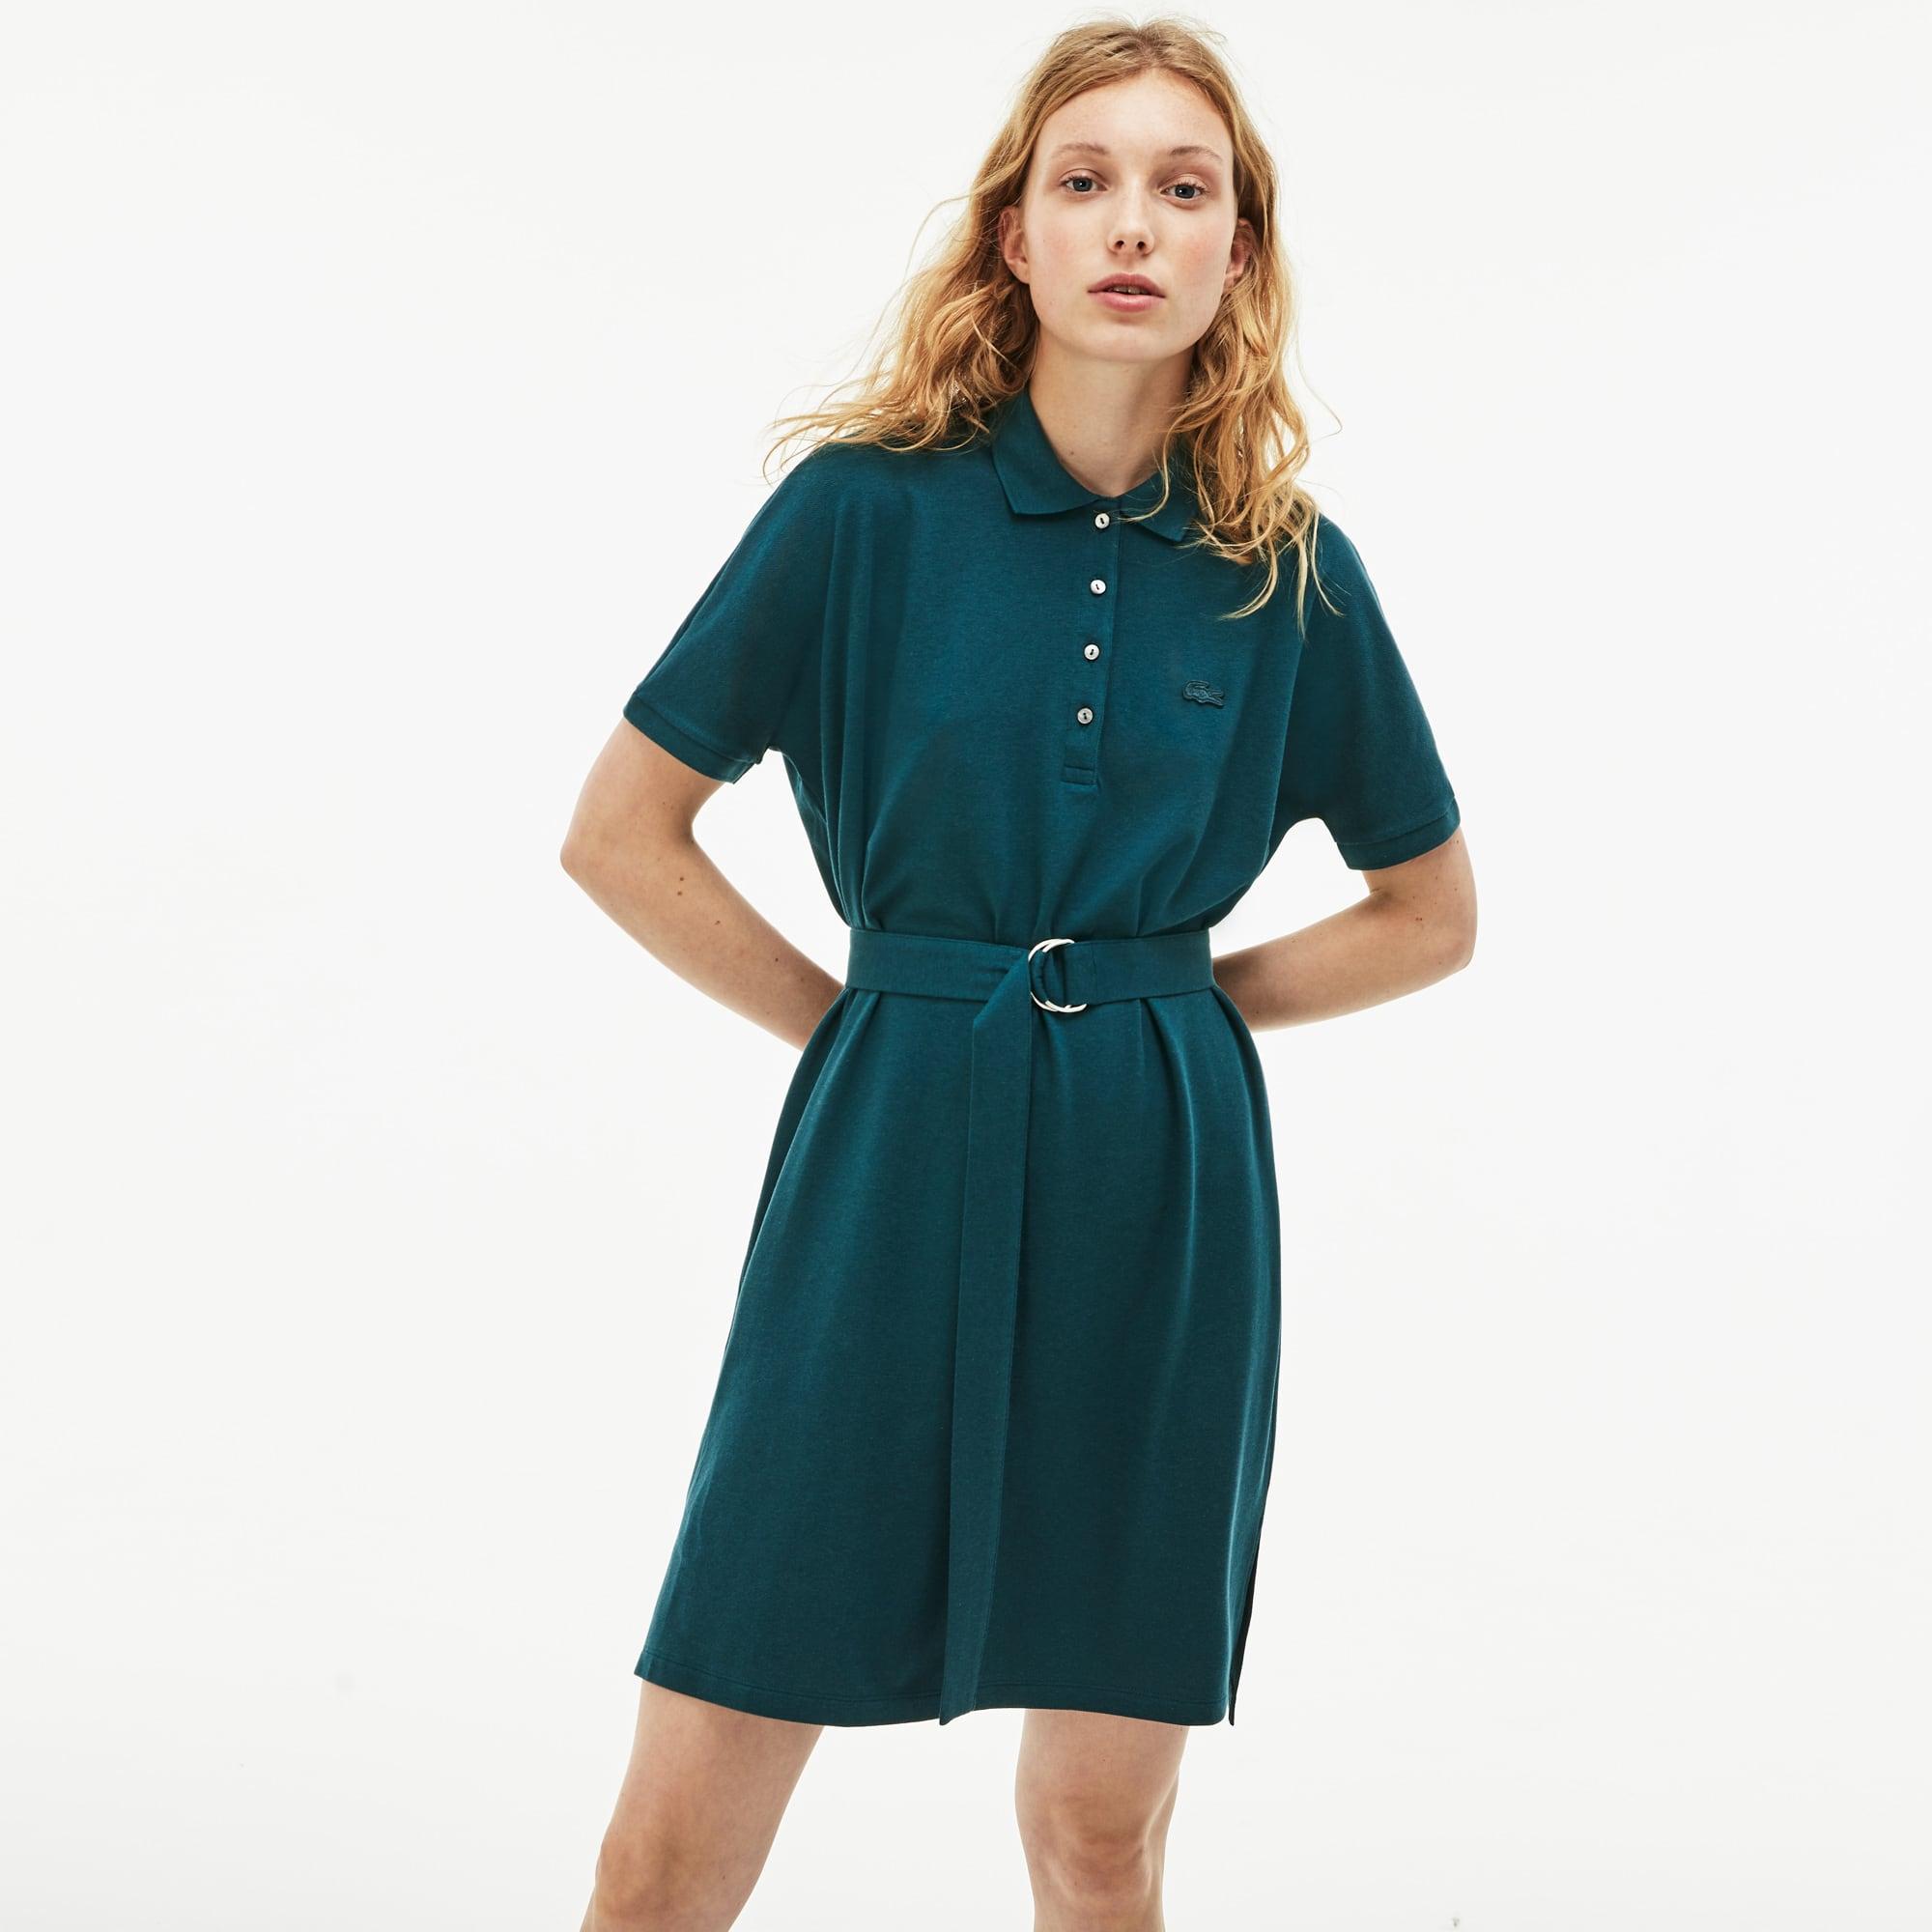 787007074 Women s Lacoste Flowing Cotton Piqué Polo Dress